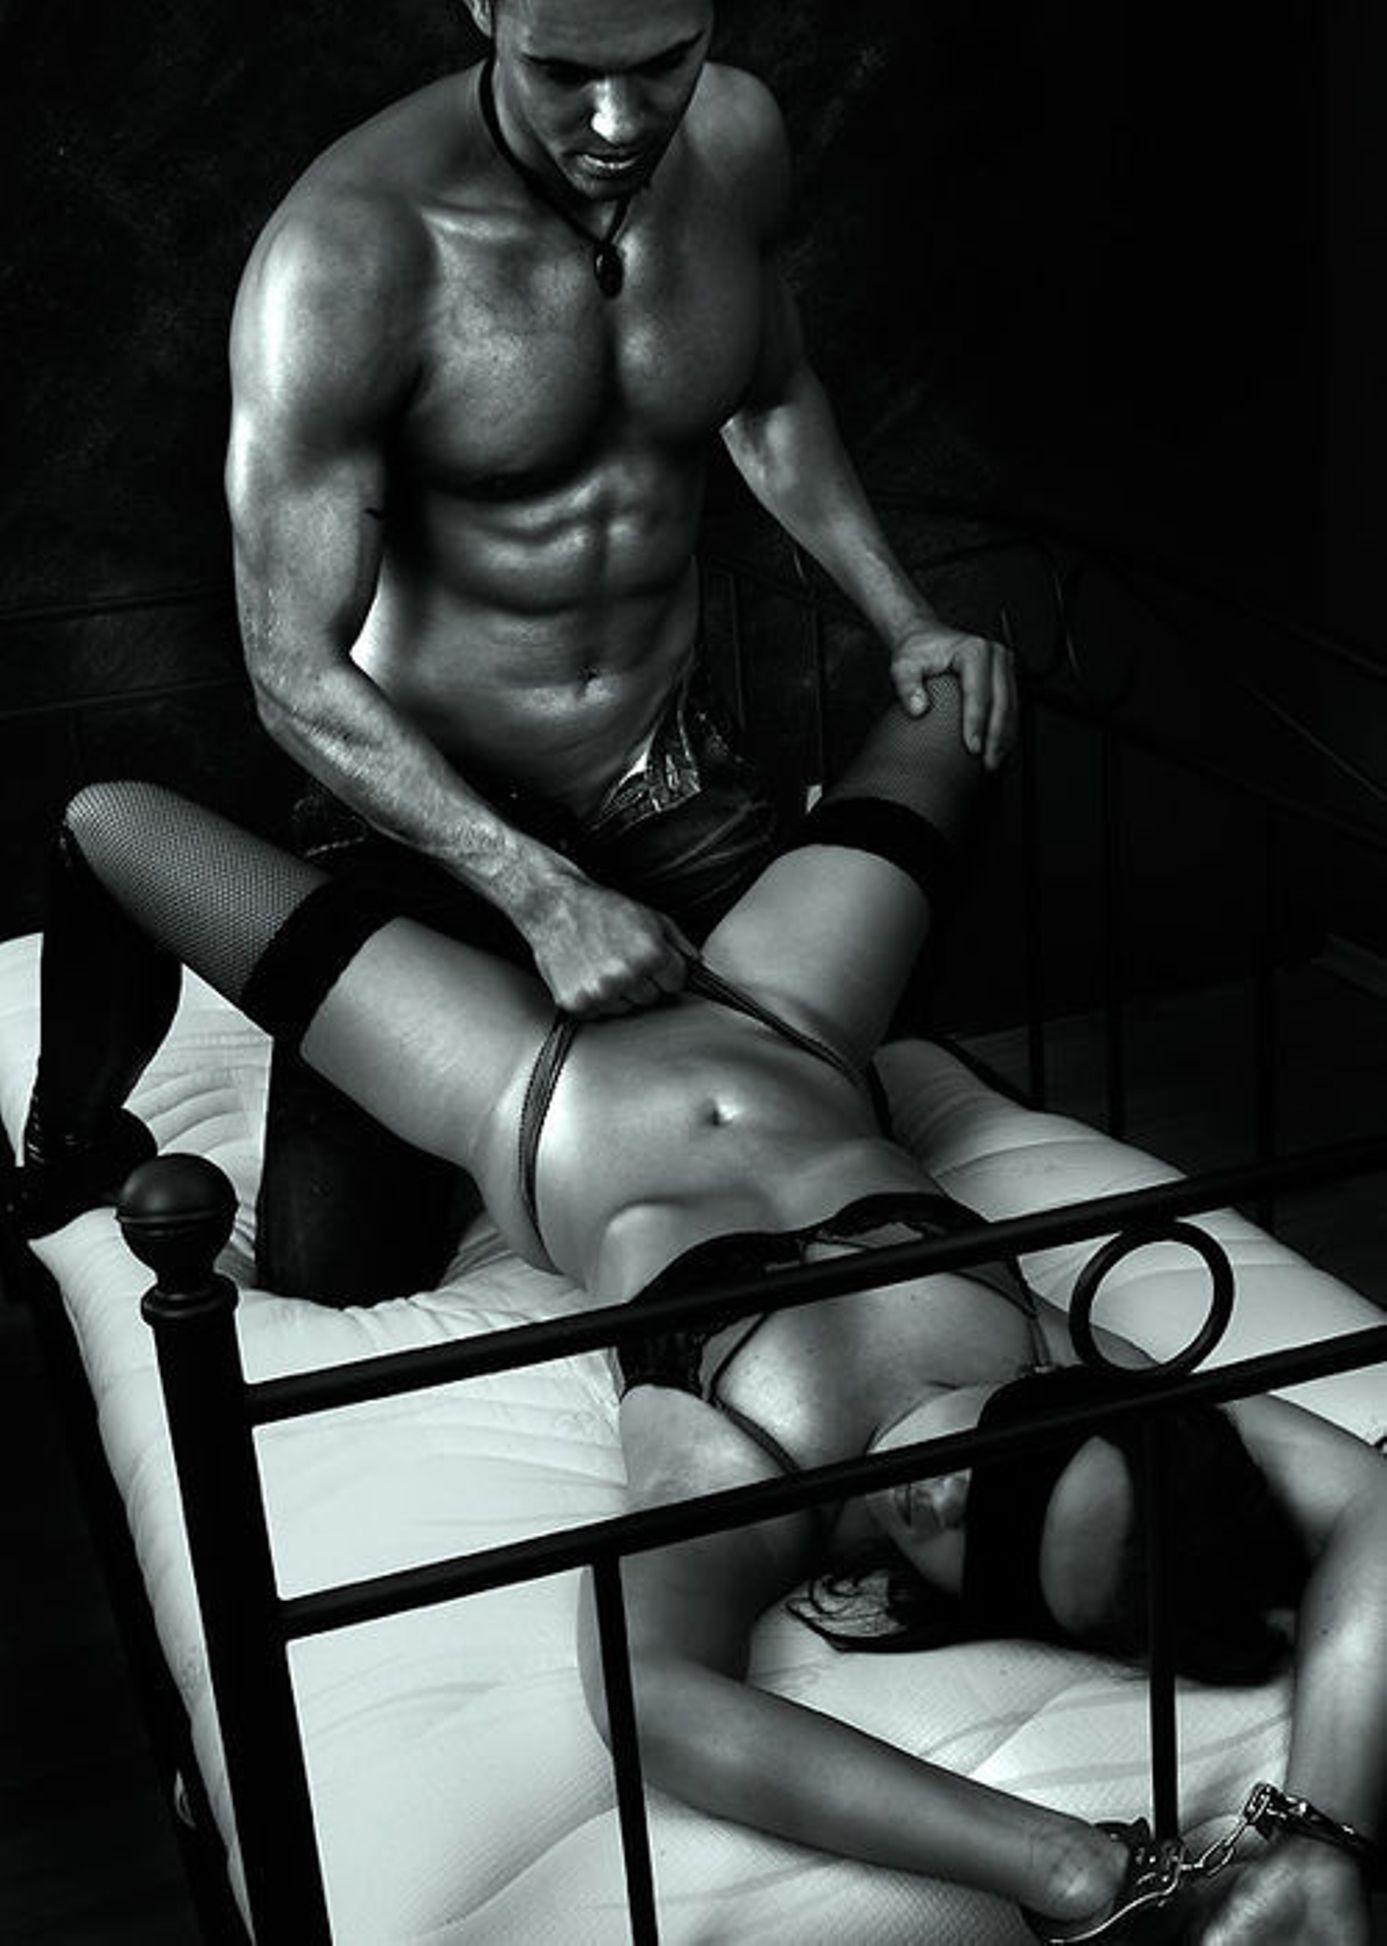 Фото девушки прикованной к кровати наручниками 1 фотография